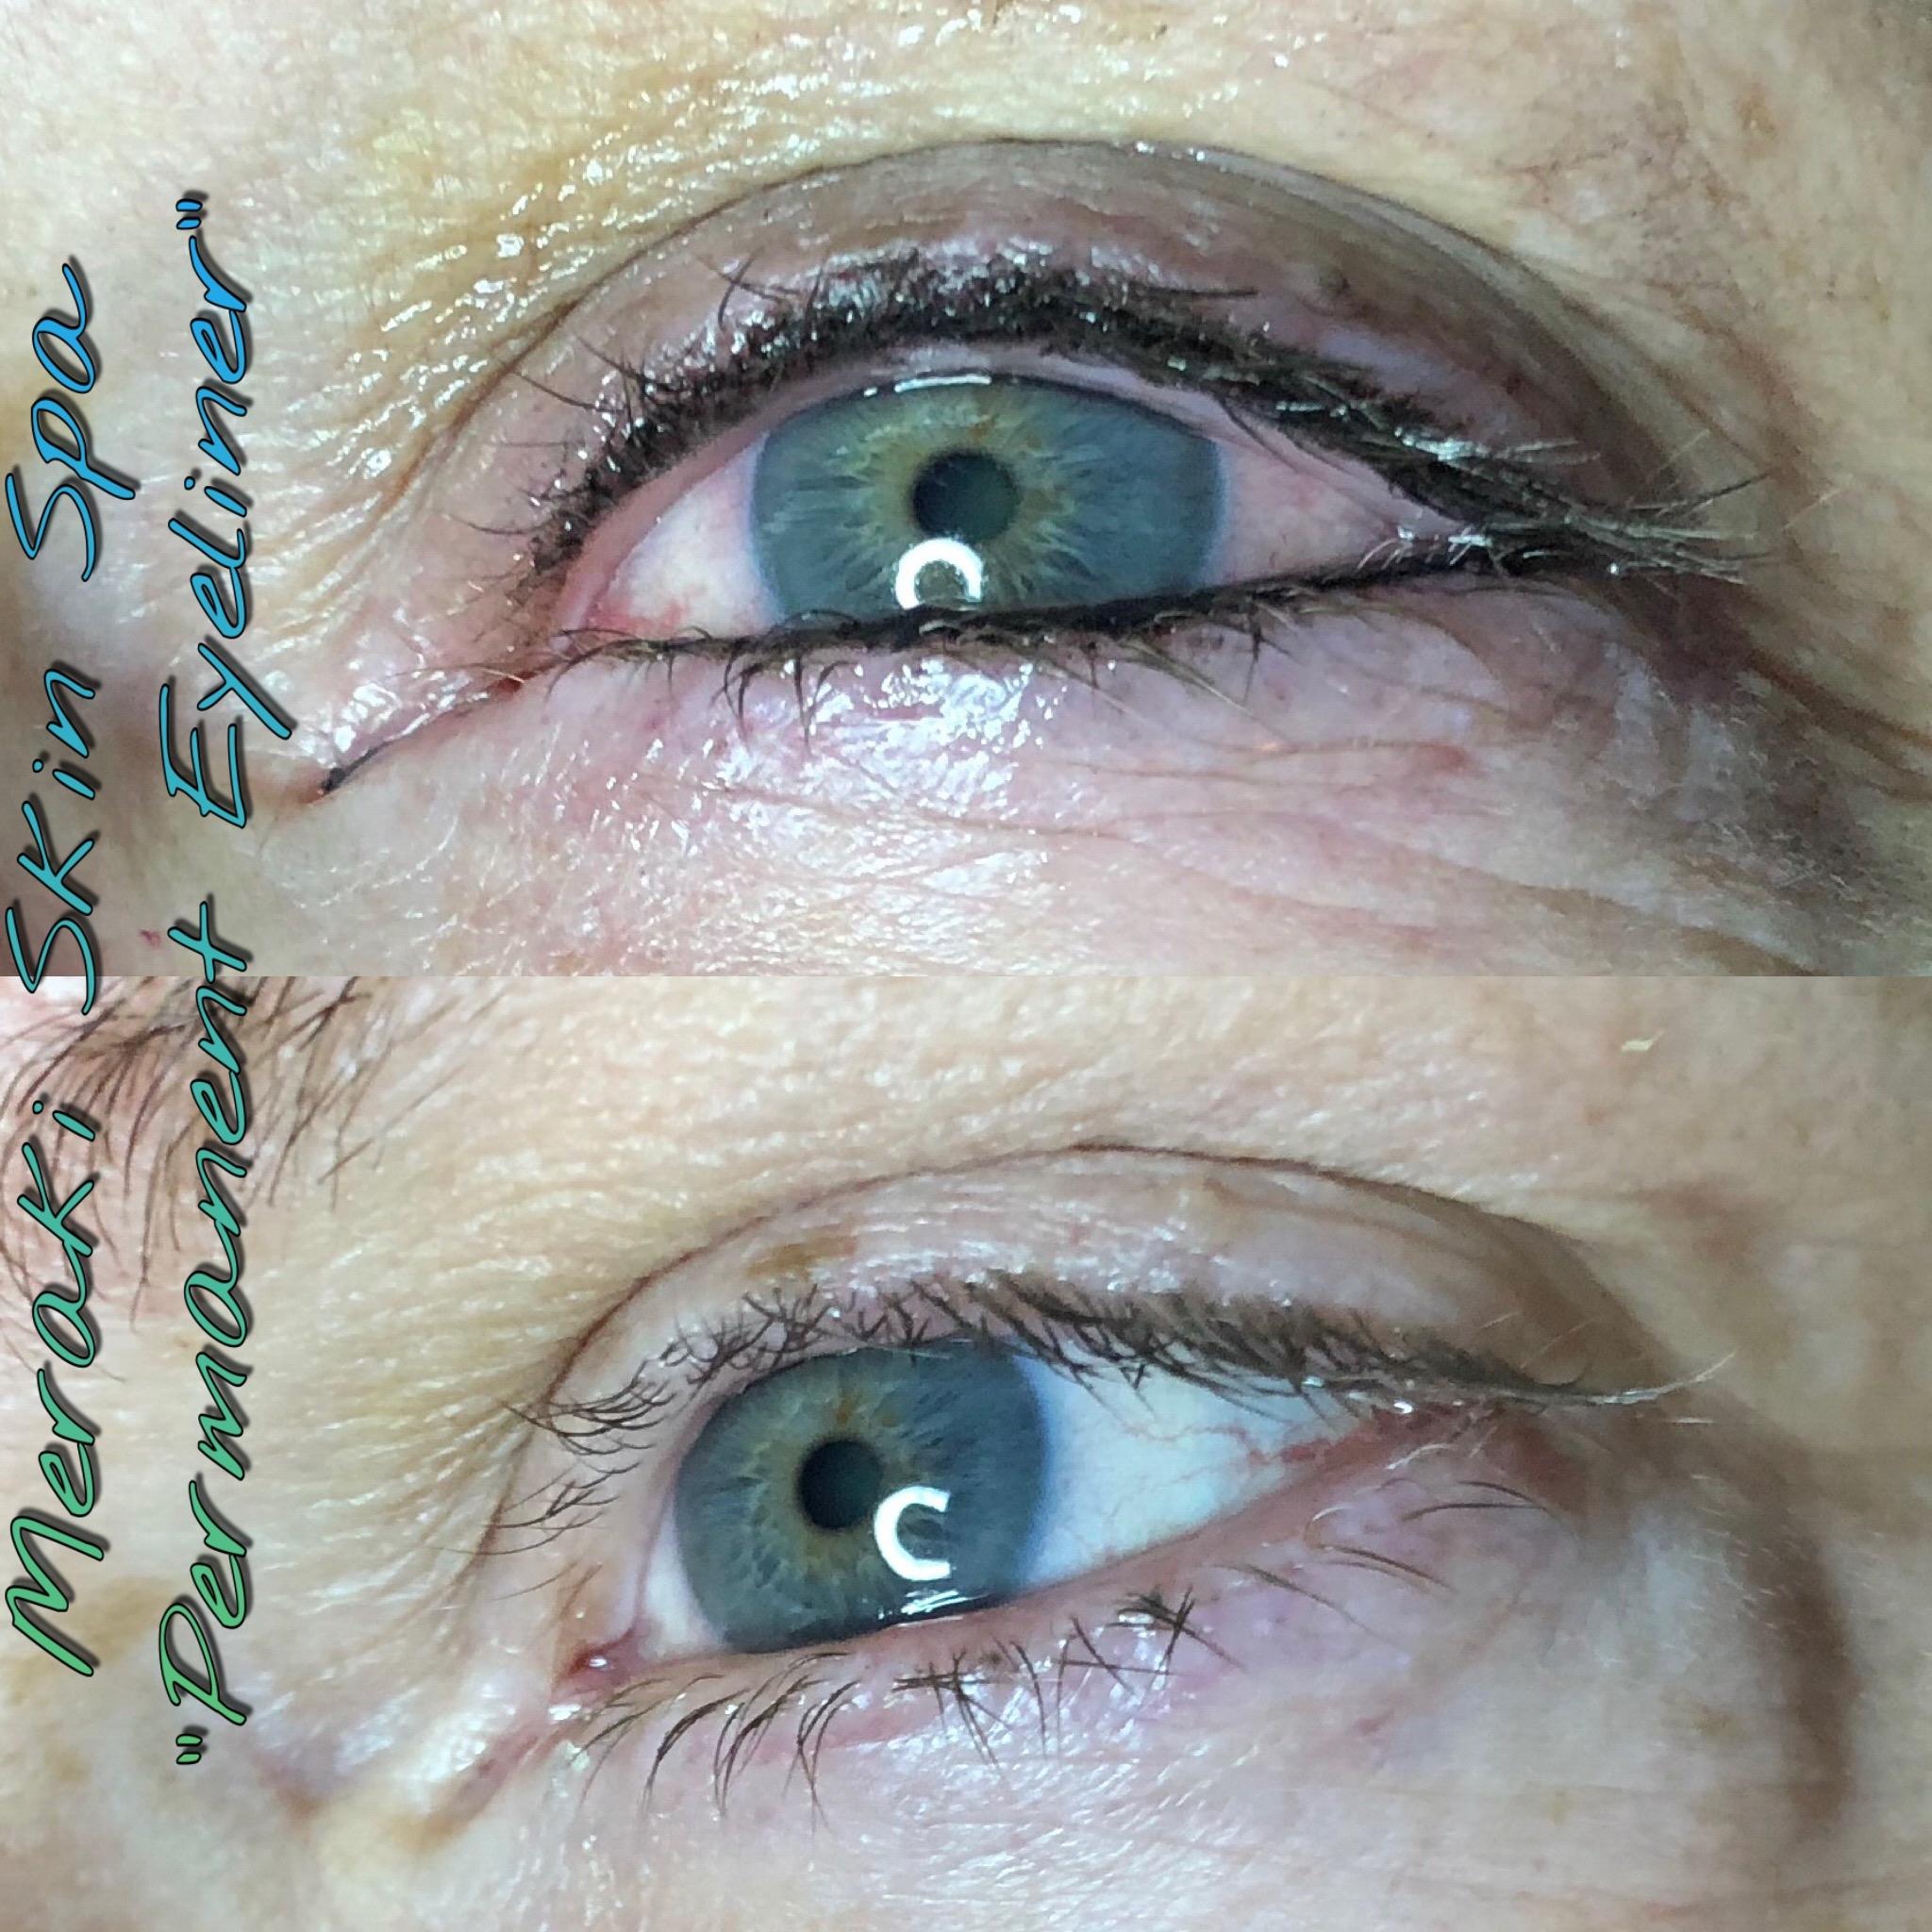 permanent eyeliner - alt text meridian idaho